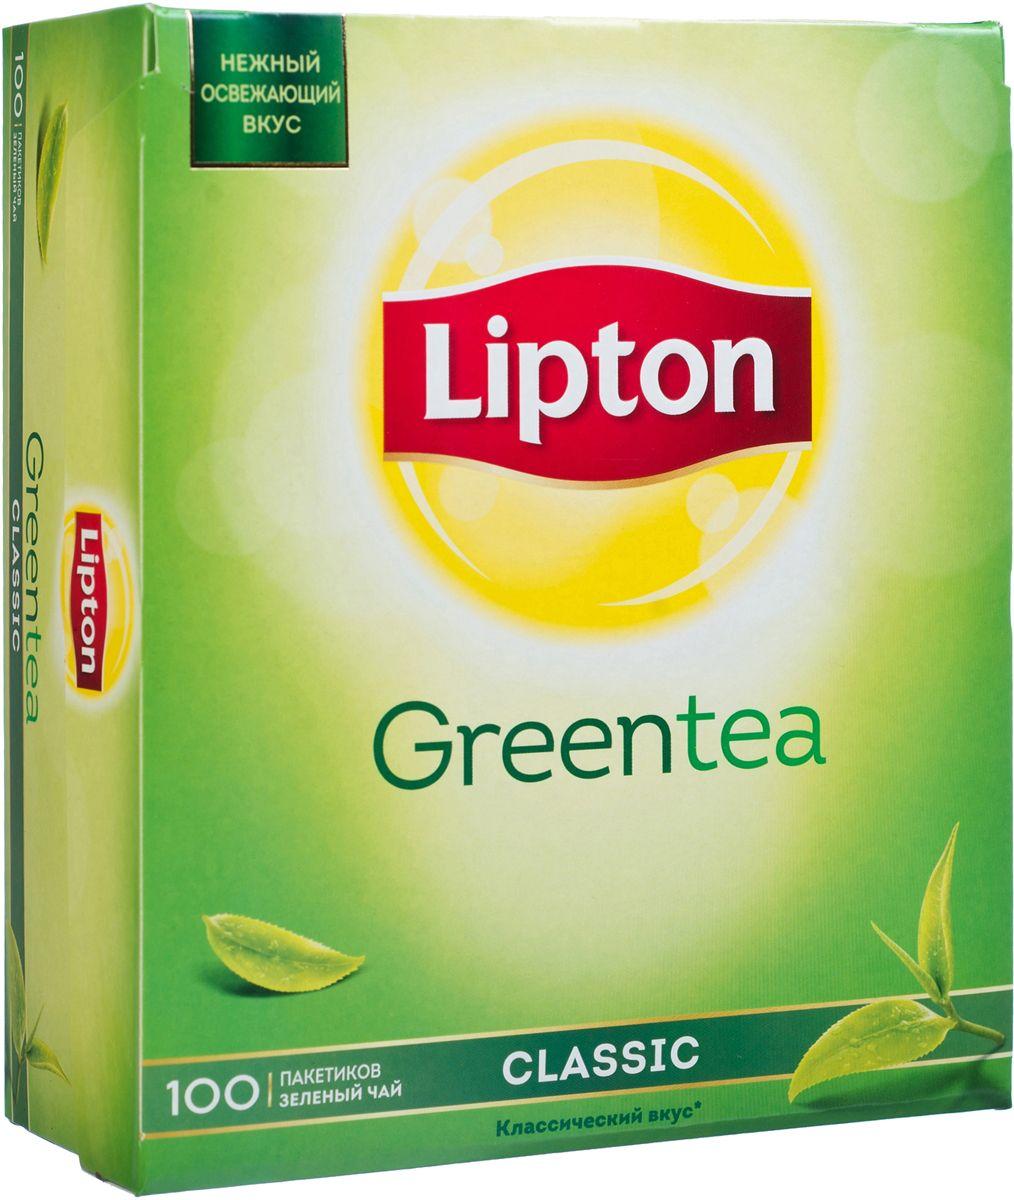 Lipton Зеленый чай Classic 100 шт21155434Нежный и освежающий вкус классического зеленого чая Lipton Green Classic наполняет уравновешенностью и проясняет взгляд на окружающий мир. Молодые чайные листочки, выращенные под теплыми лучами солнца, дарят зеленому чаю Lipton нежный вкус и легкий изысканный аромат, чтобы вы могли насладиться любимым чаем.